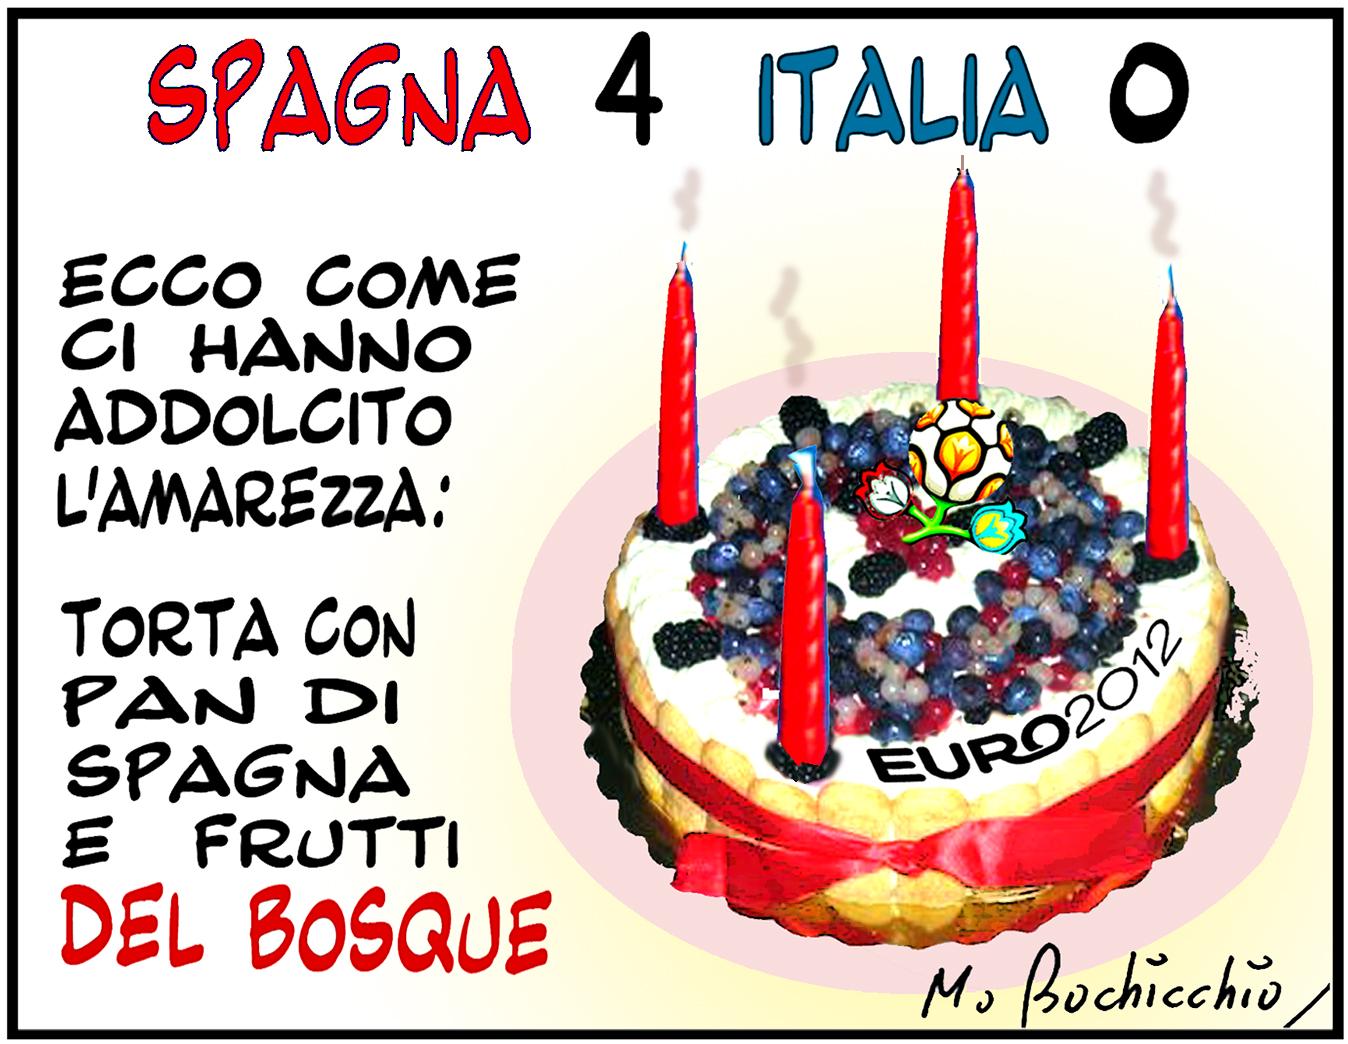 RIDI CHE TI  PASSA.... SPAGNA+4+ITALIA+0